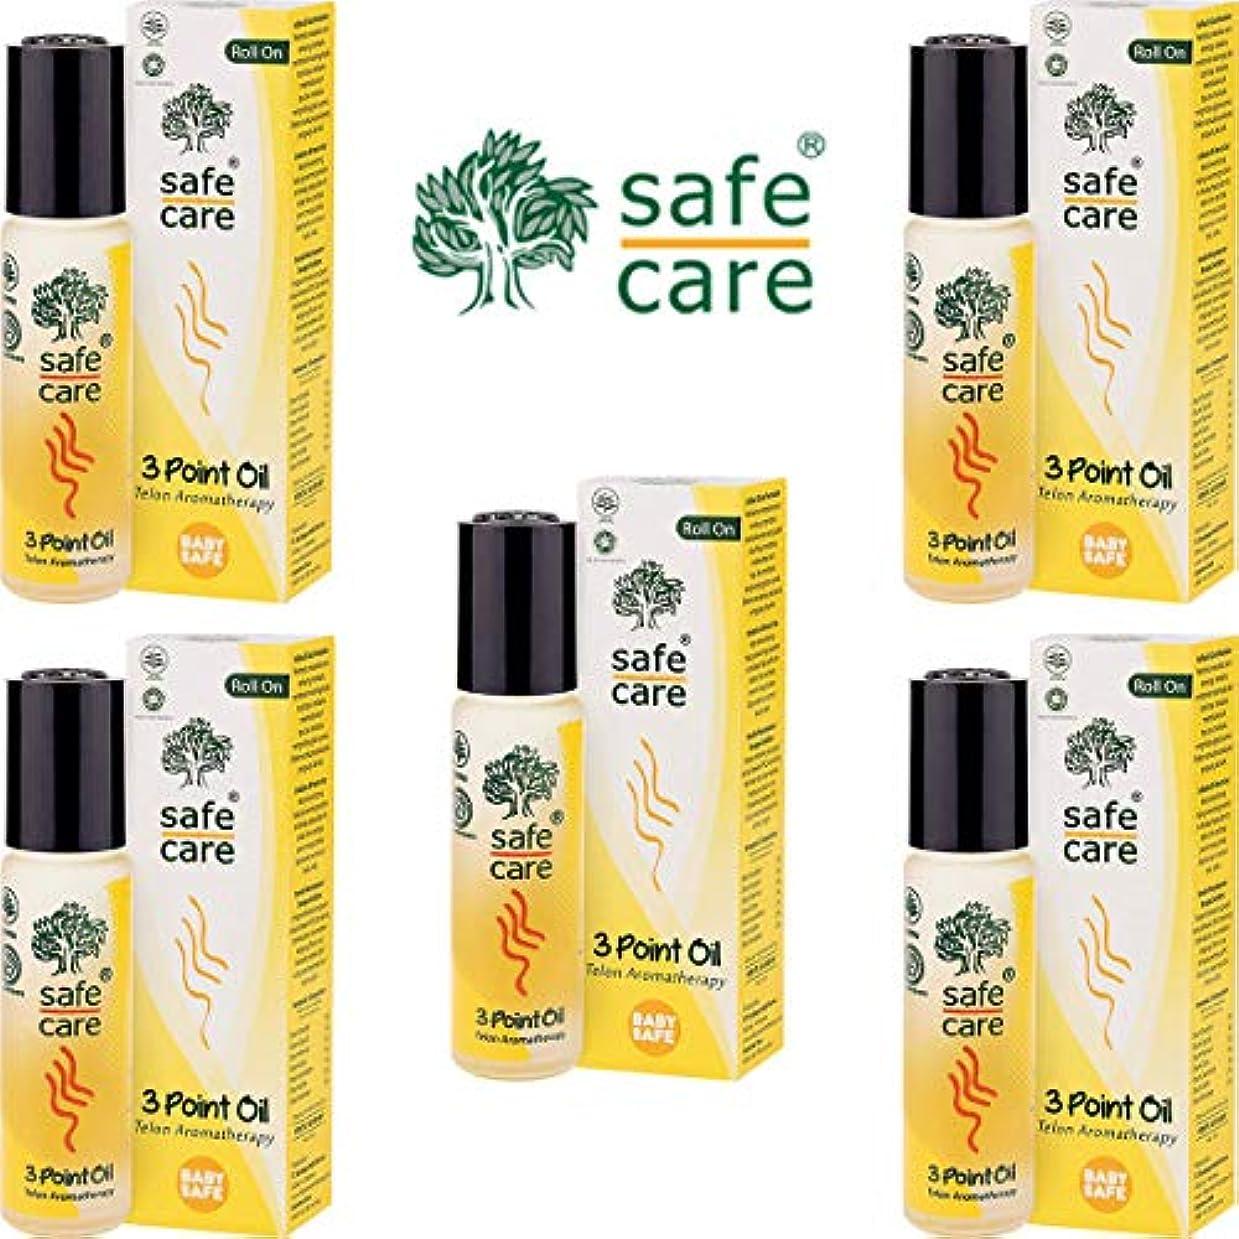 立法類推ホストSafe Care セーフケア Aromatherapy Telon 3Point Oil アロマテラピー リフレッシュオイル テロン3ポイントオイル ロールオン 10ml×5本セット [海外直送品]